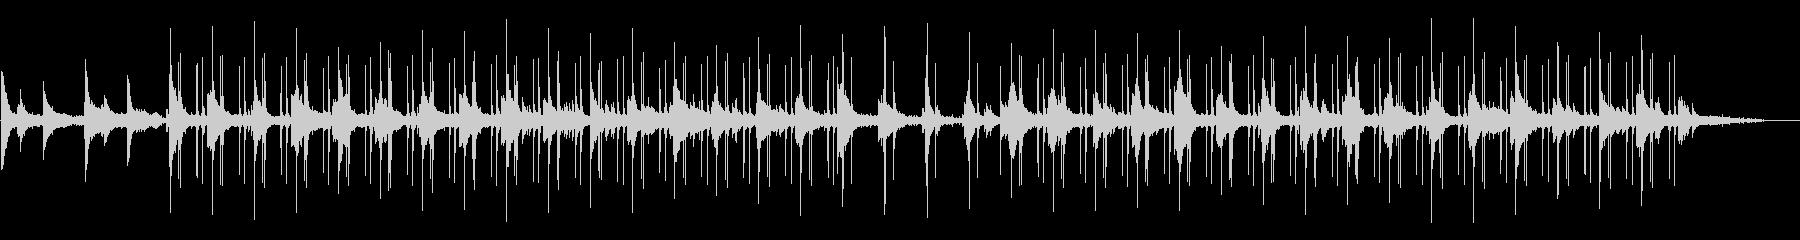 雨音のするジャズLo-fi チルアウトの未再生の波形